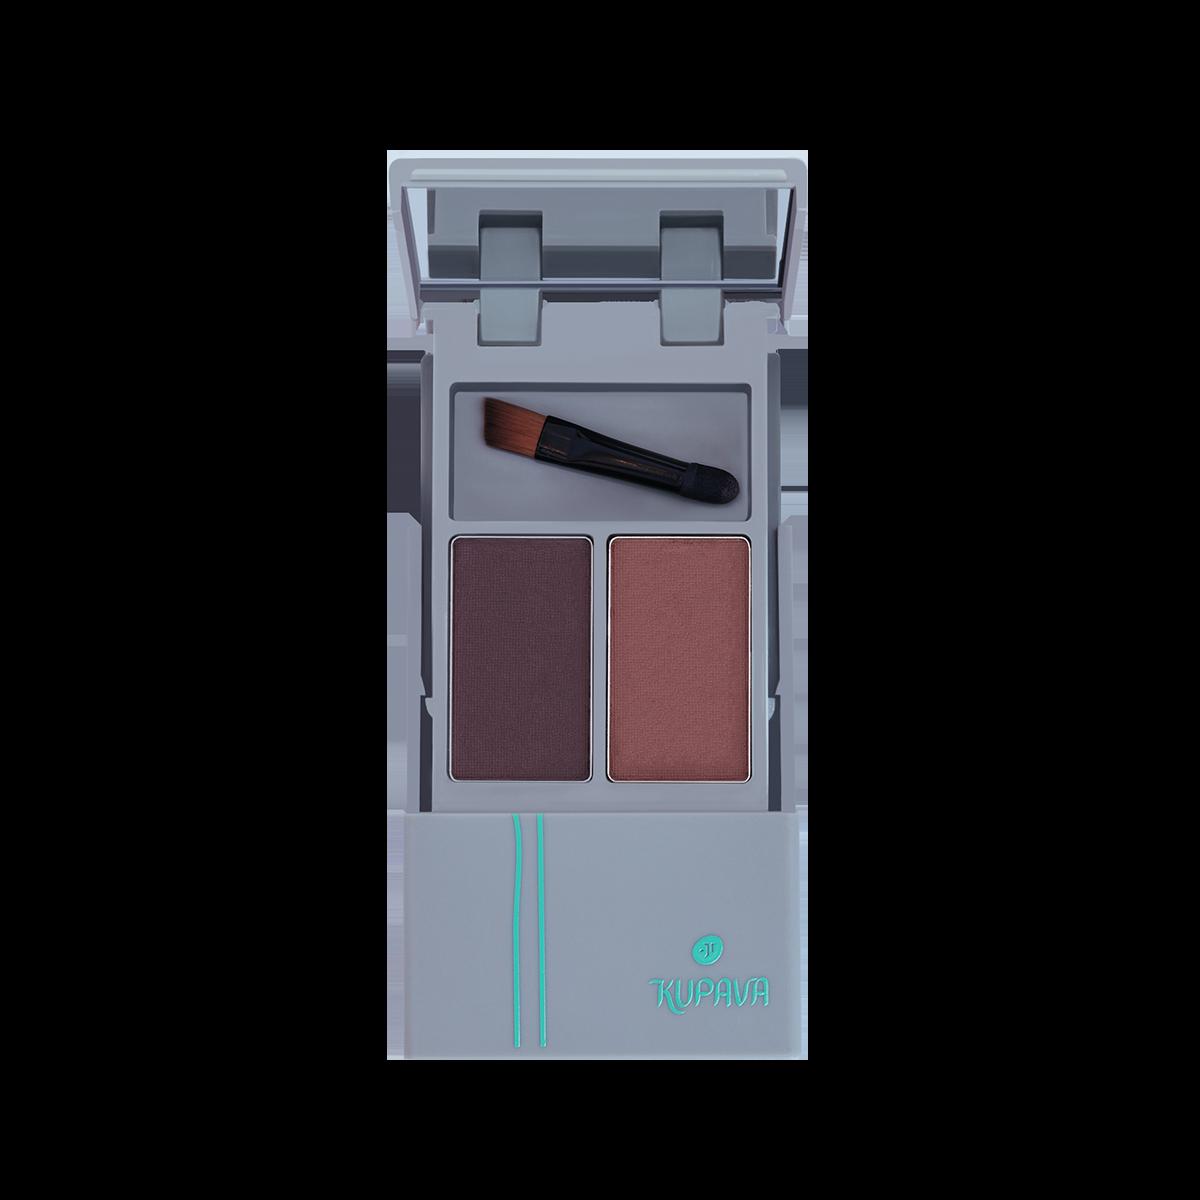 Тіні-дует для брів з аплікатором KUPAVA  Тени-дуэт для бровей с аппликатором KUPAVA